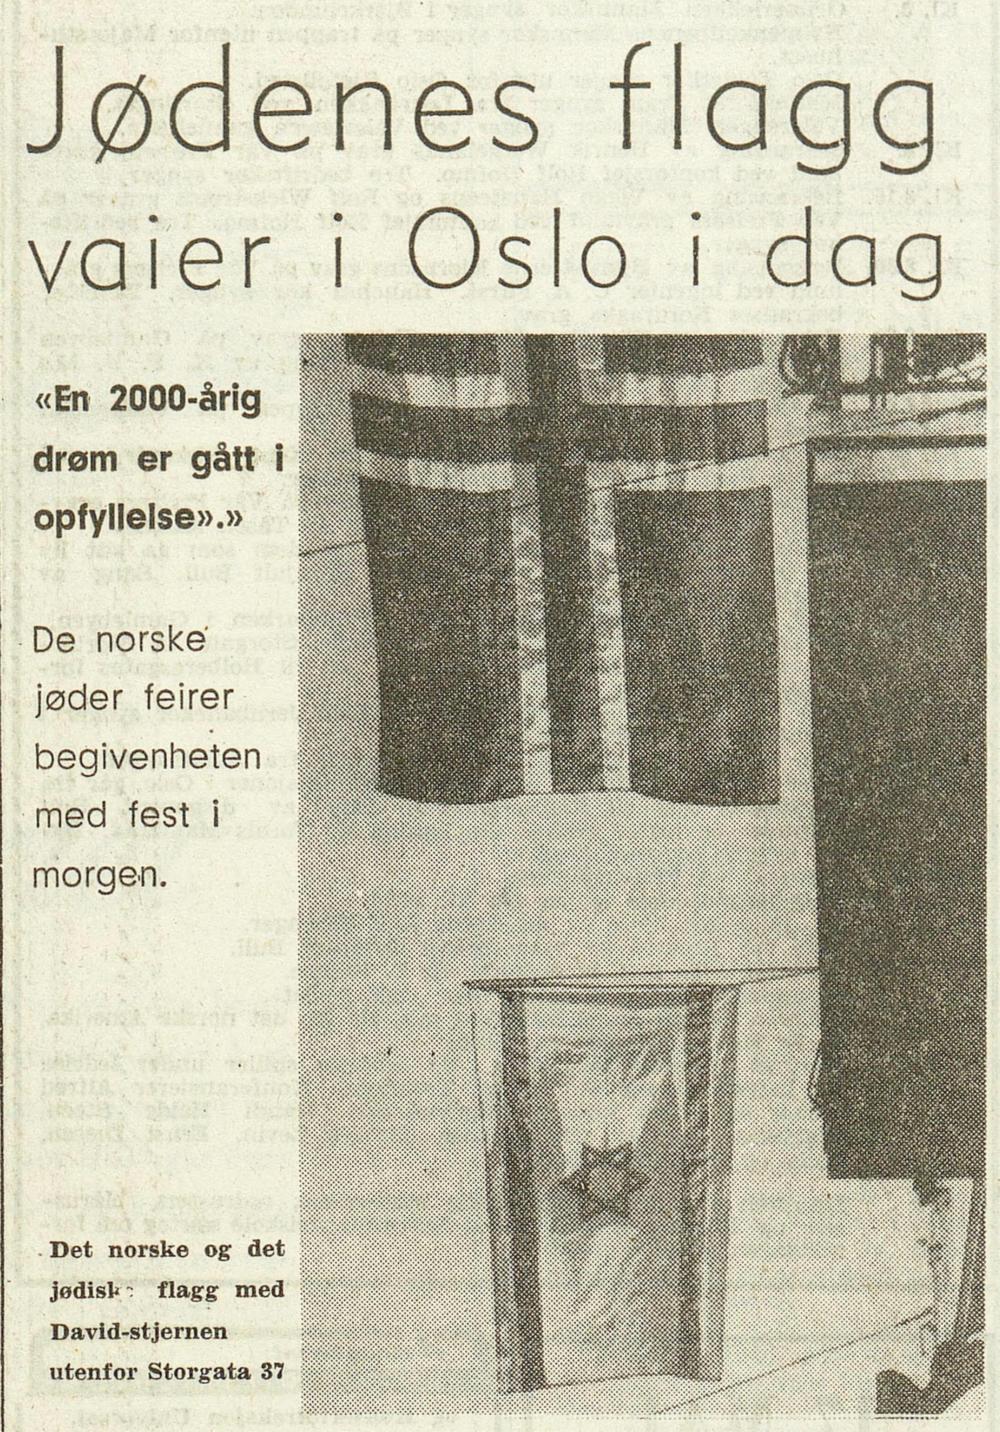 Bilete frå utanfor den norske sionistforeininga, Dagbladet , 15. mai 1948